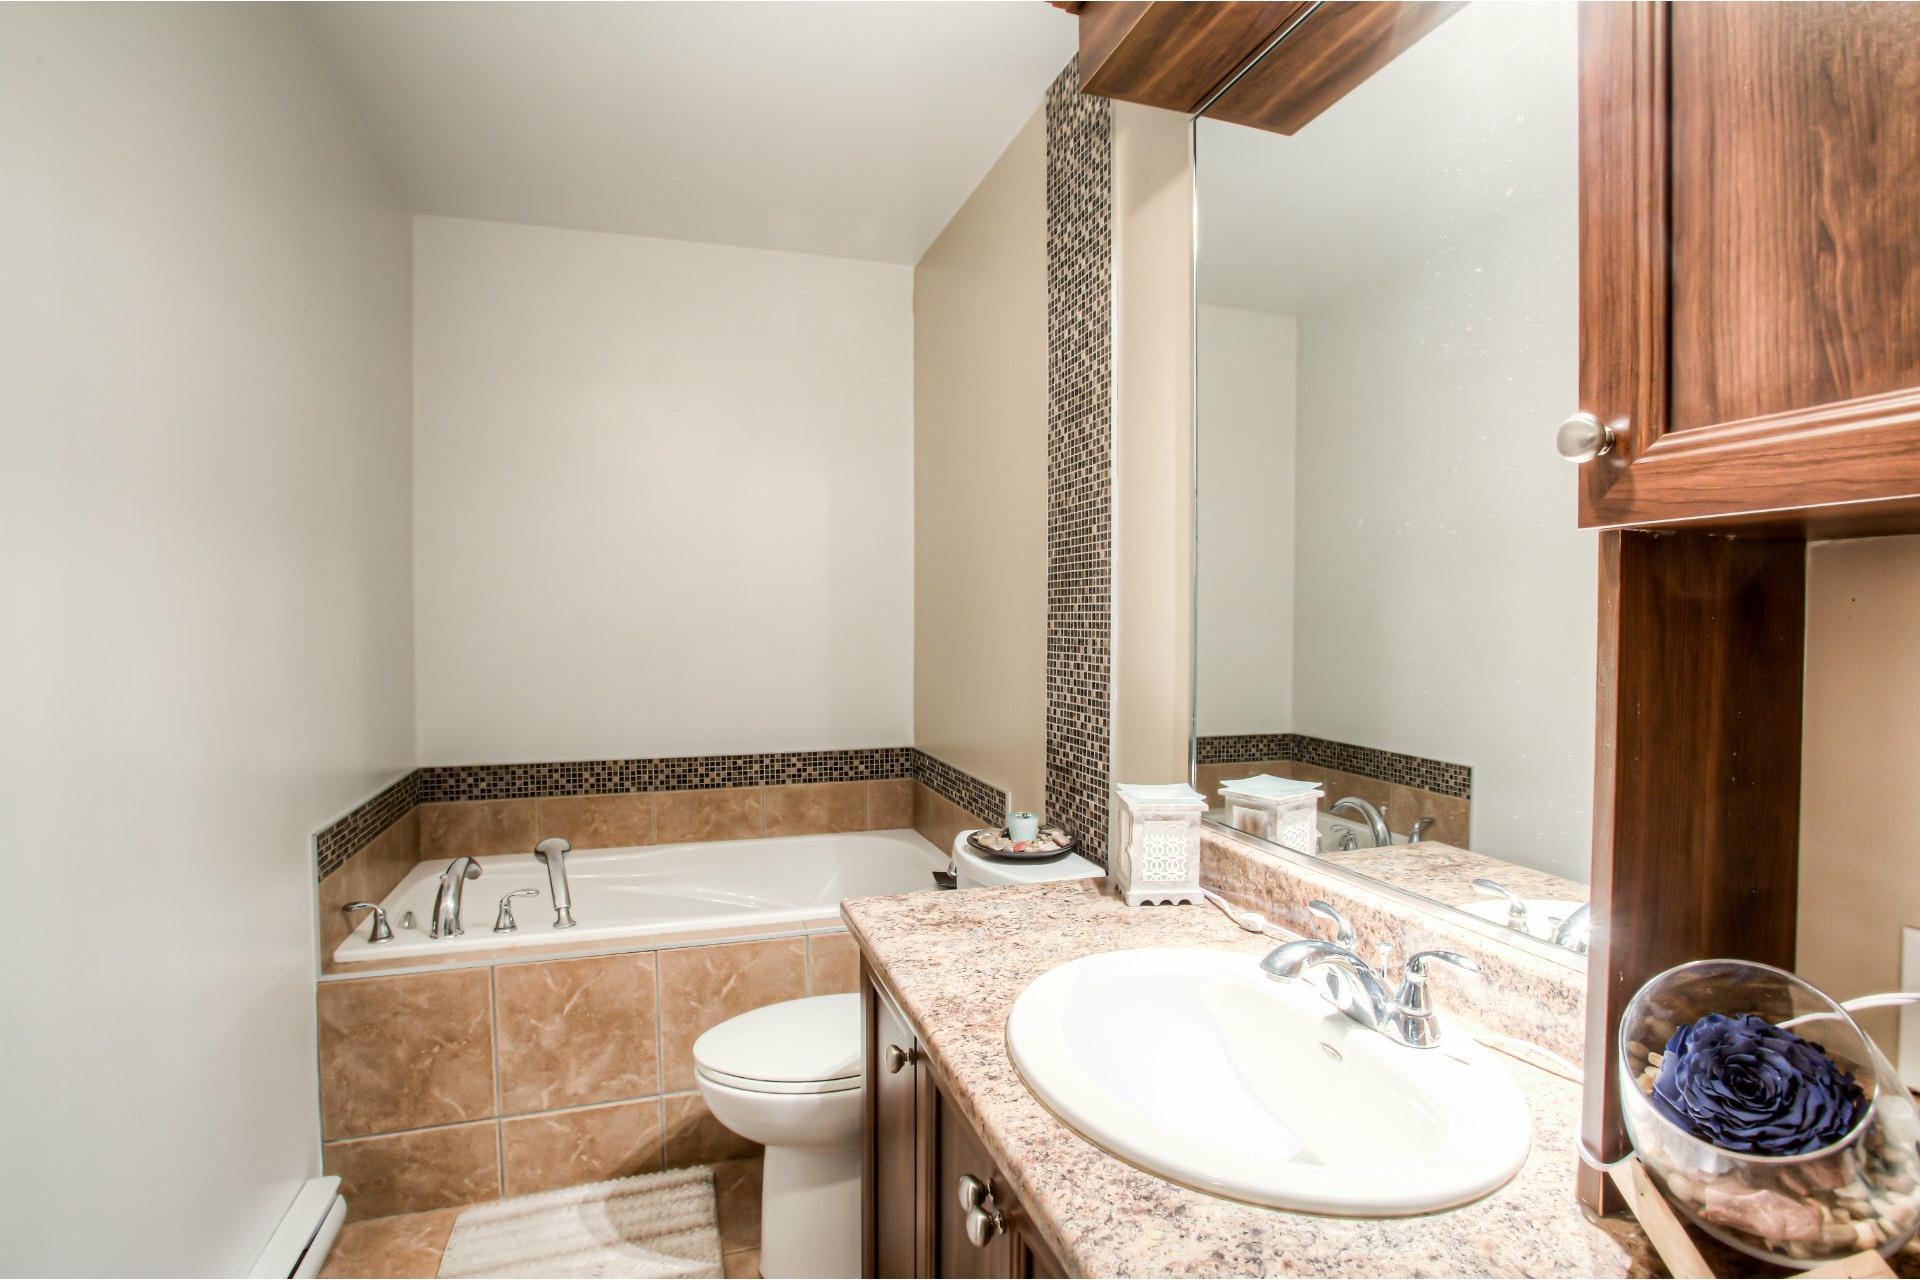 image 10 - Apartment For sale Pointe-des-Cascades - 6 rooms